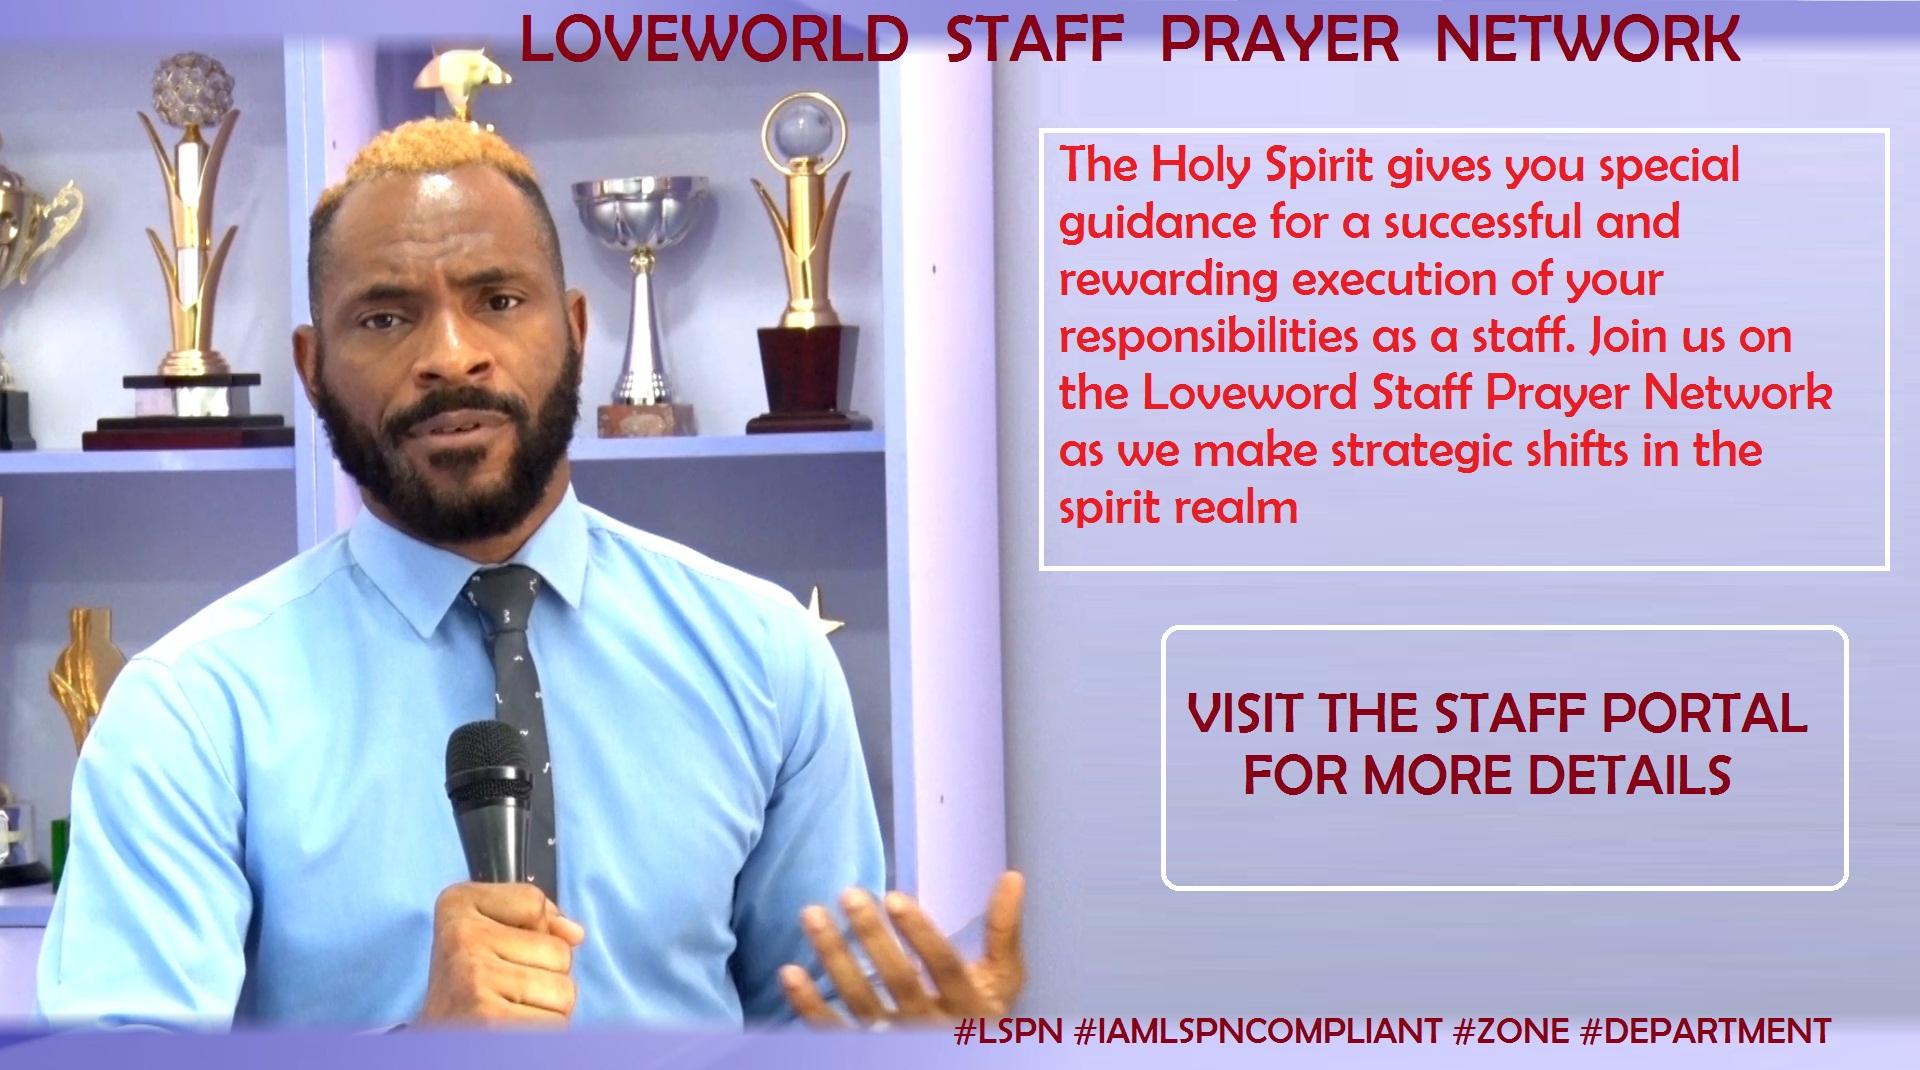 When you pray, the Spirit